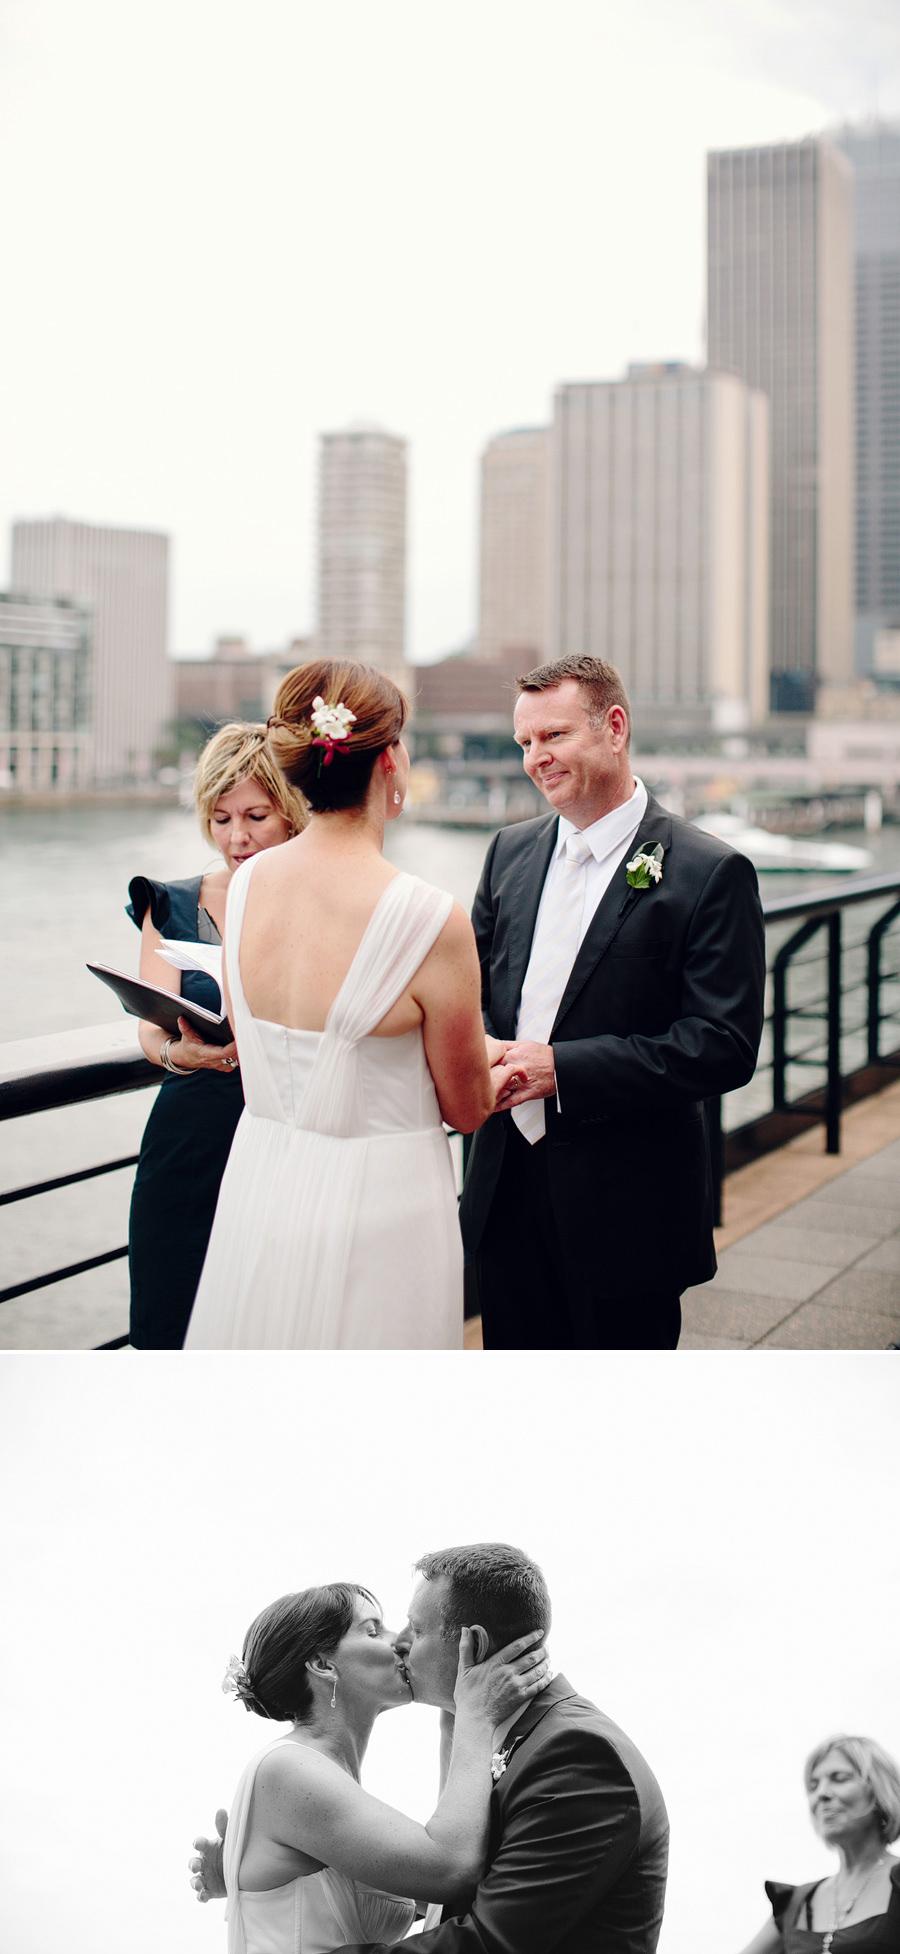 Circular Quay Wedding Photography: Vows